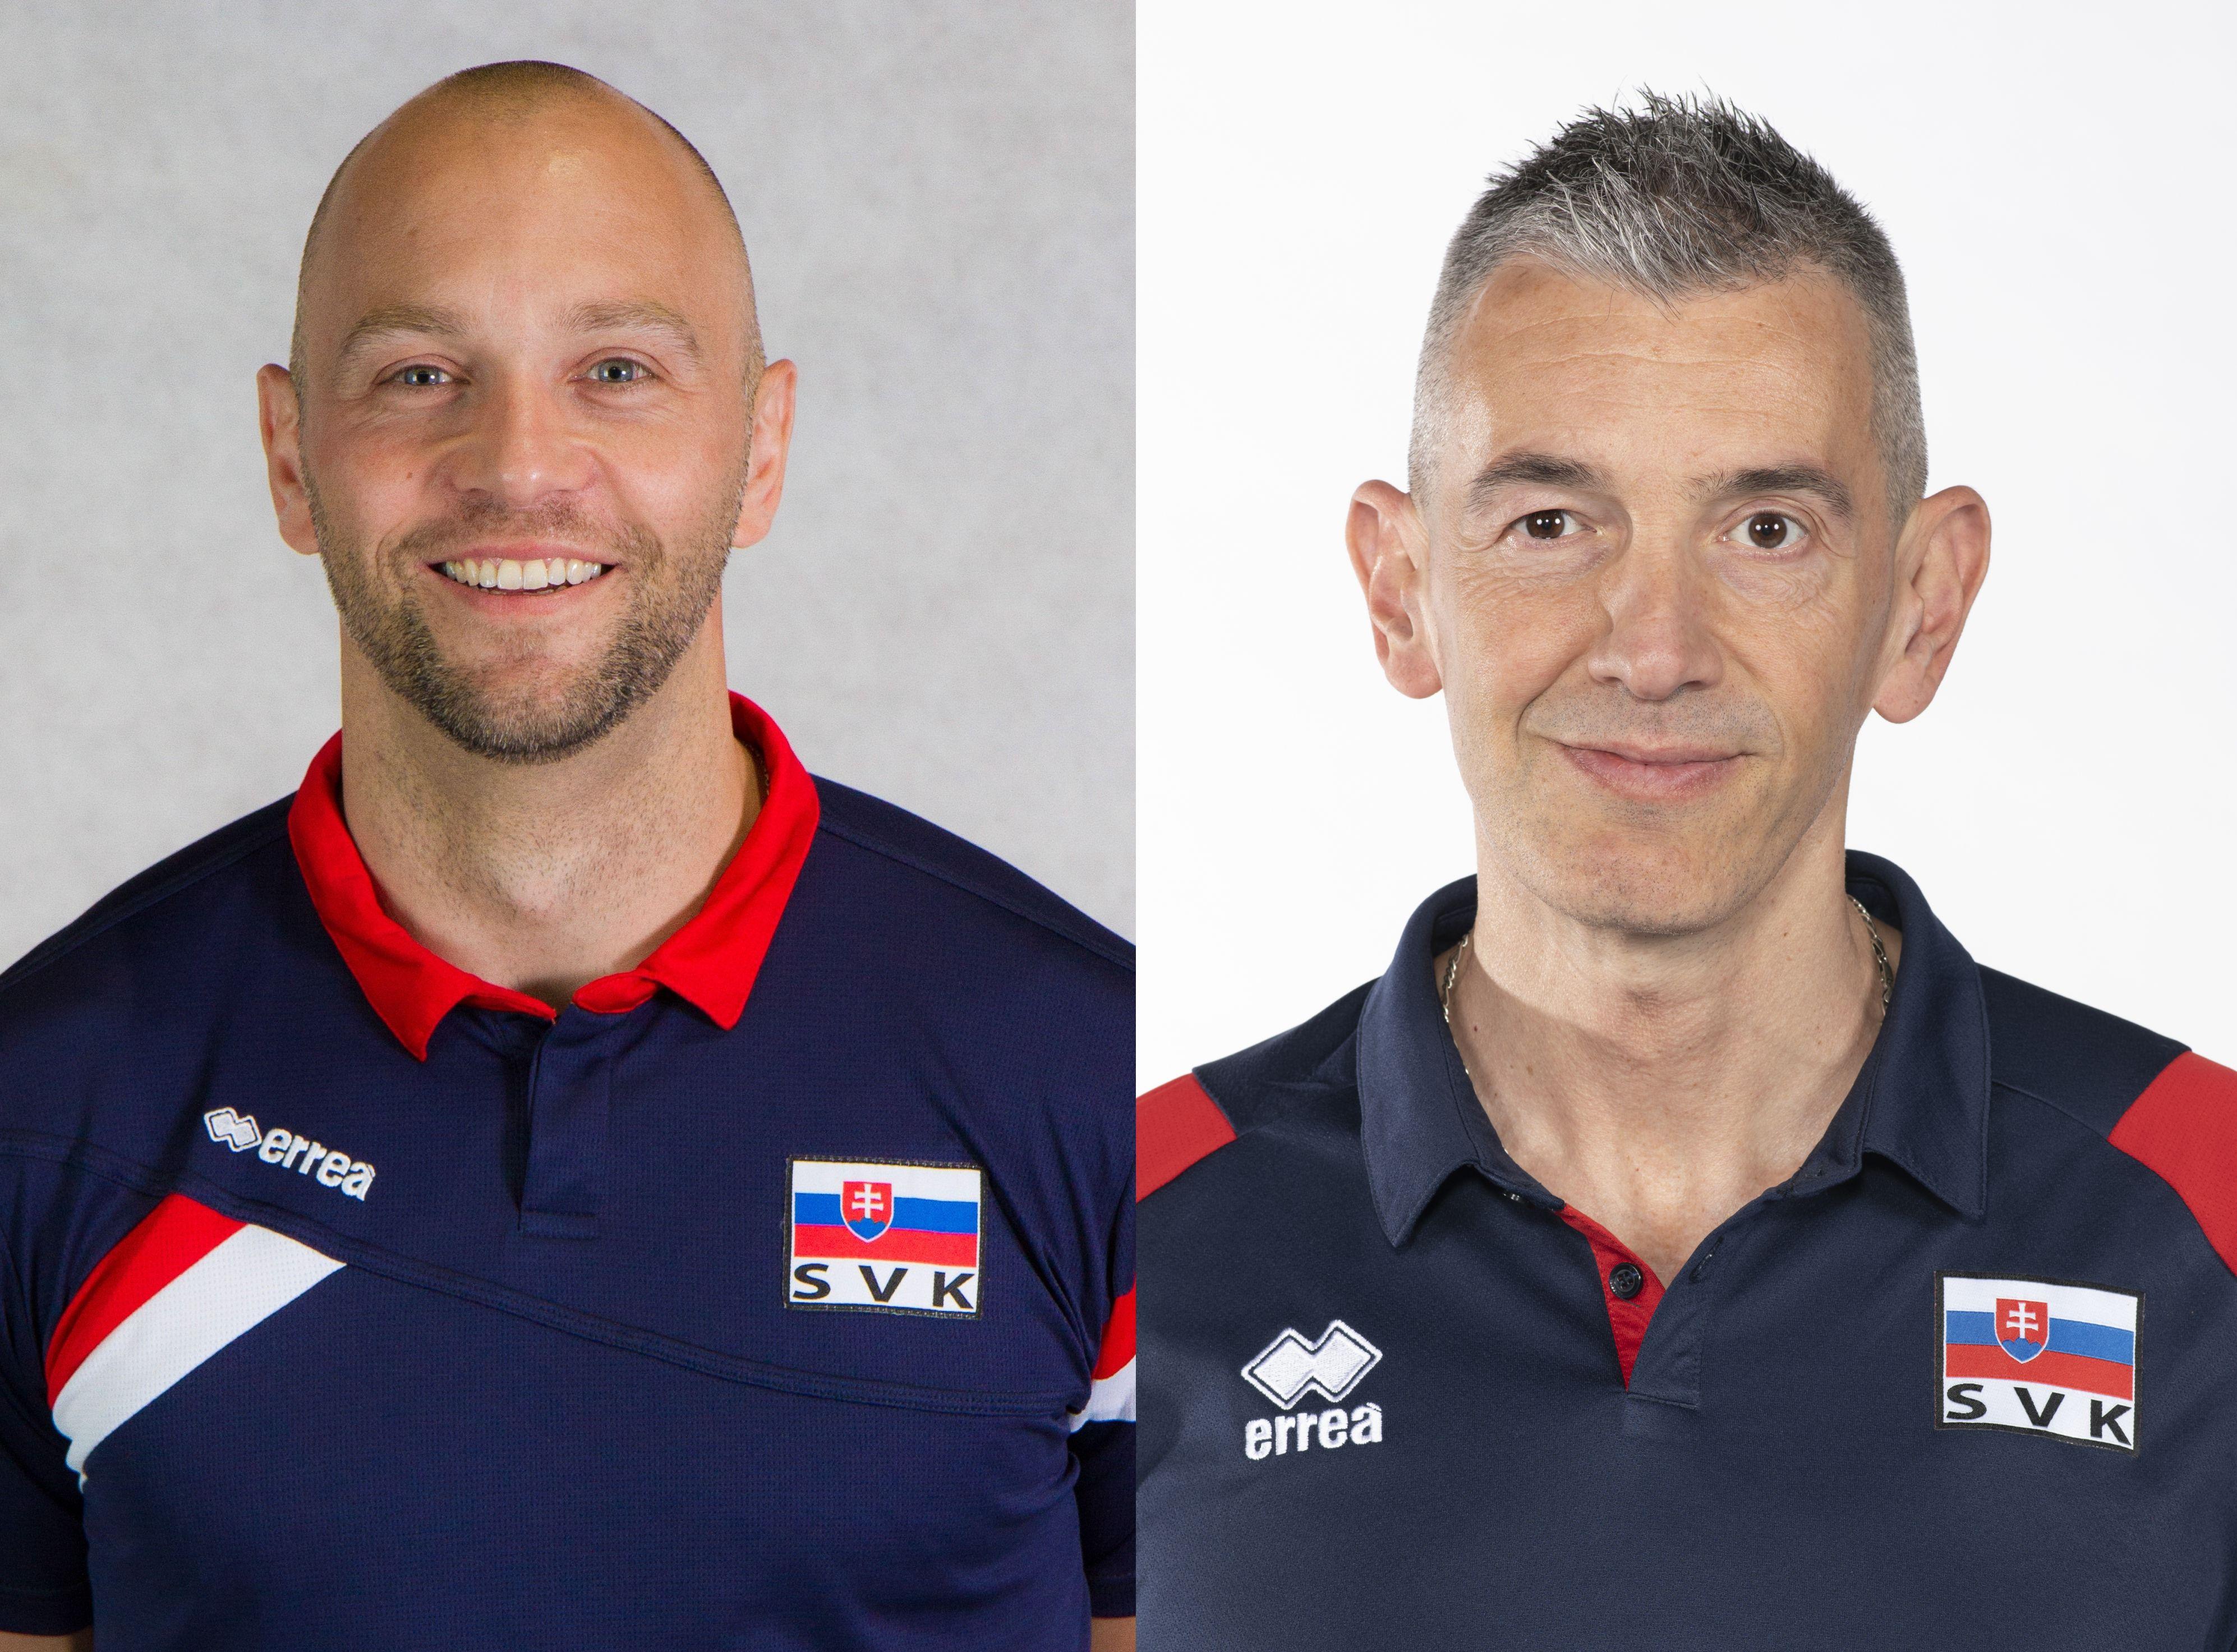 Marek Kardoš a Marco Fenoglio povedú naše reprezentácie. FOTO: SVF